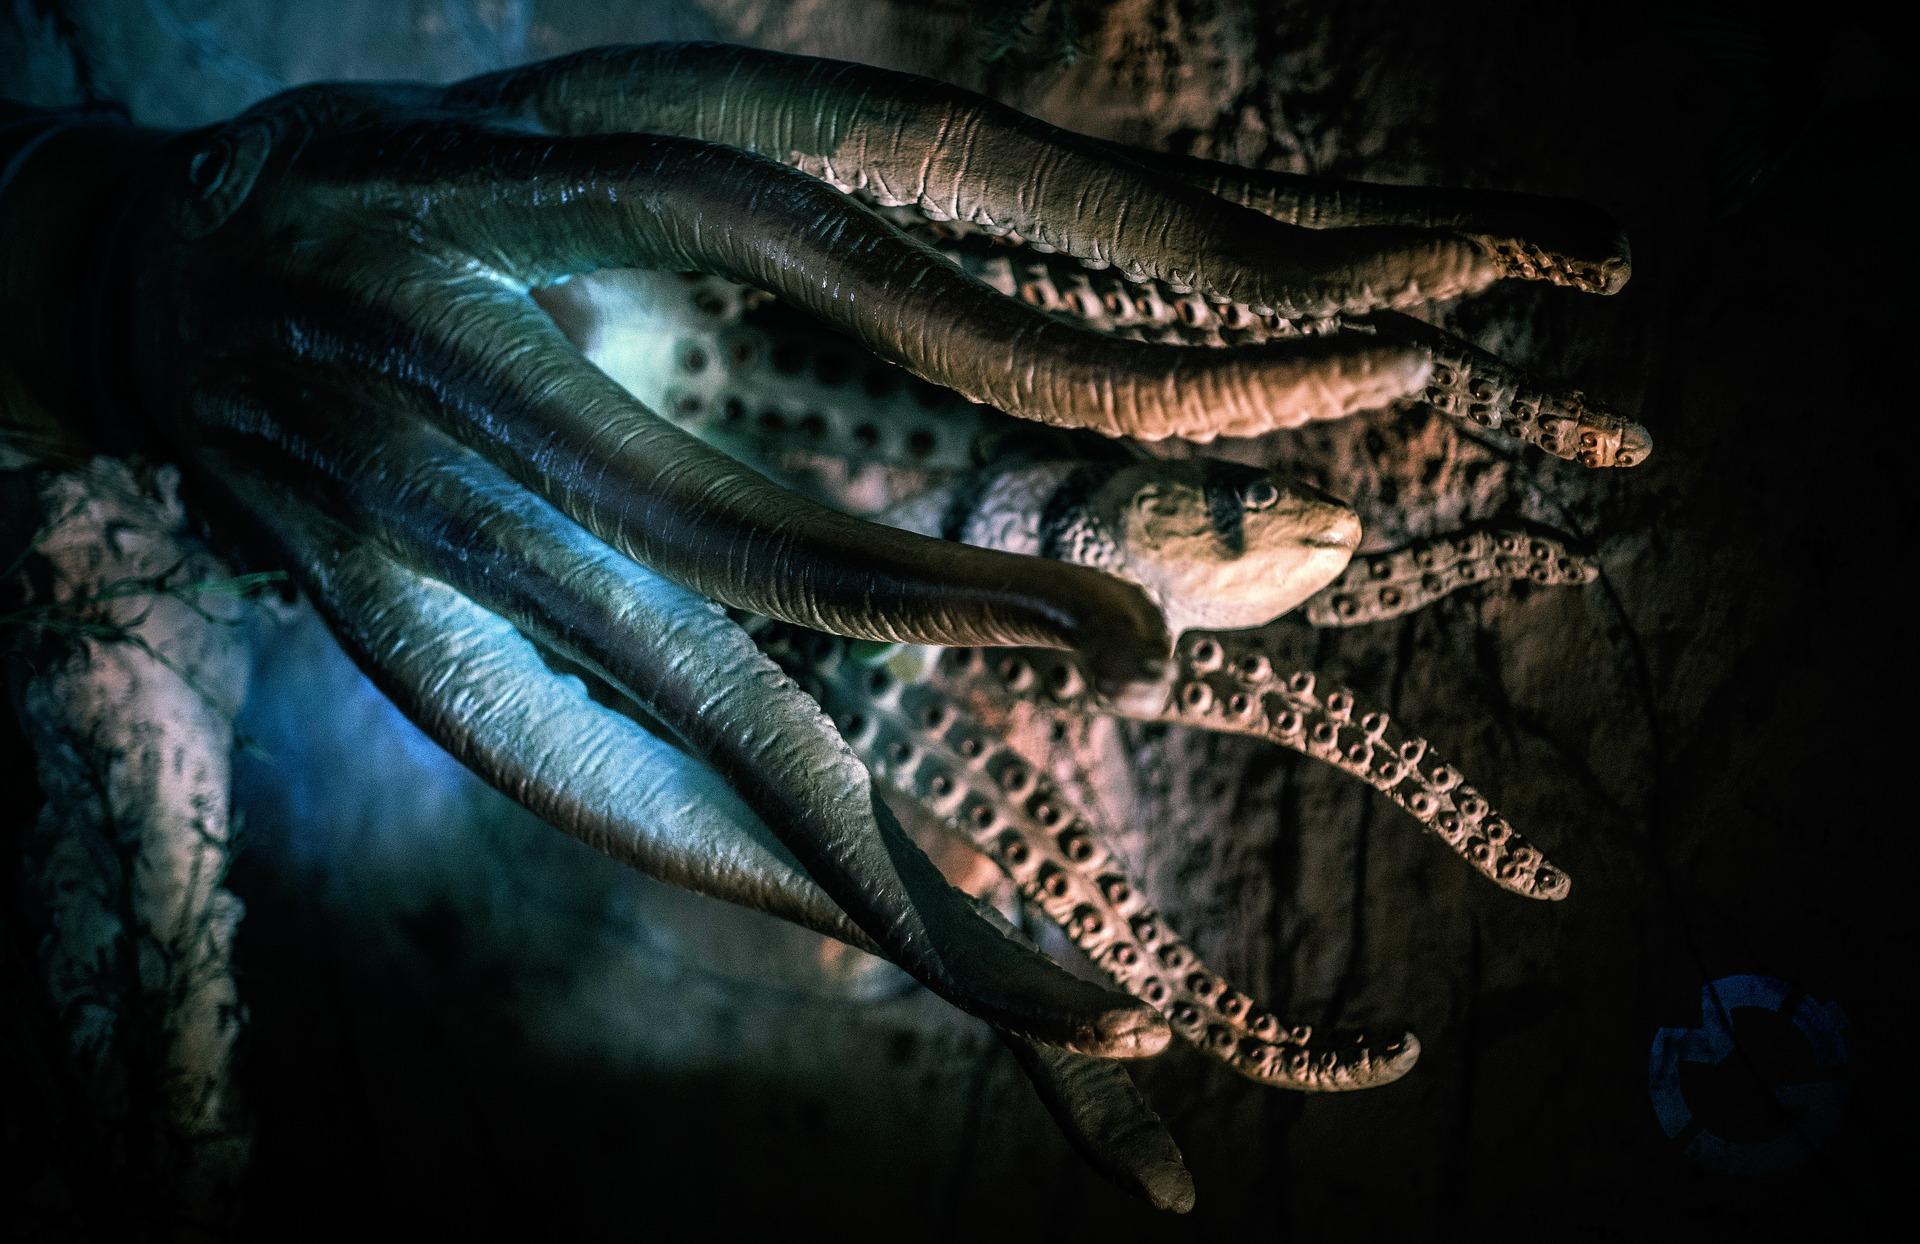 La mejor experiencia de derivados descentralizados: la visión del protocolo Octopus